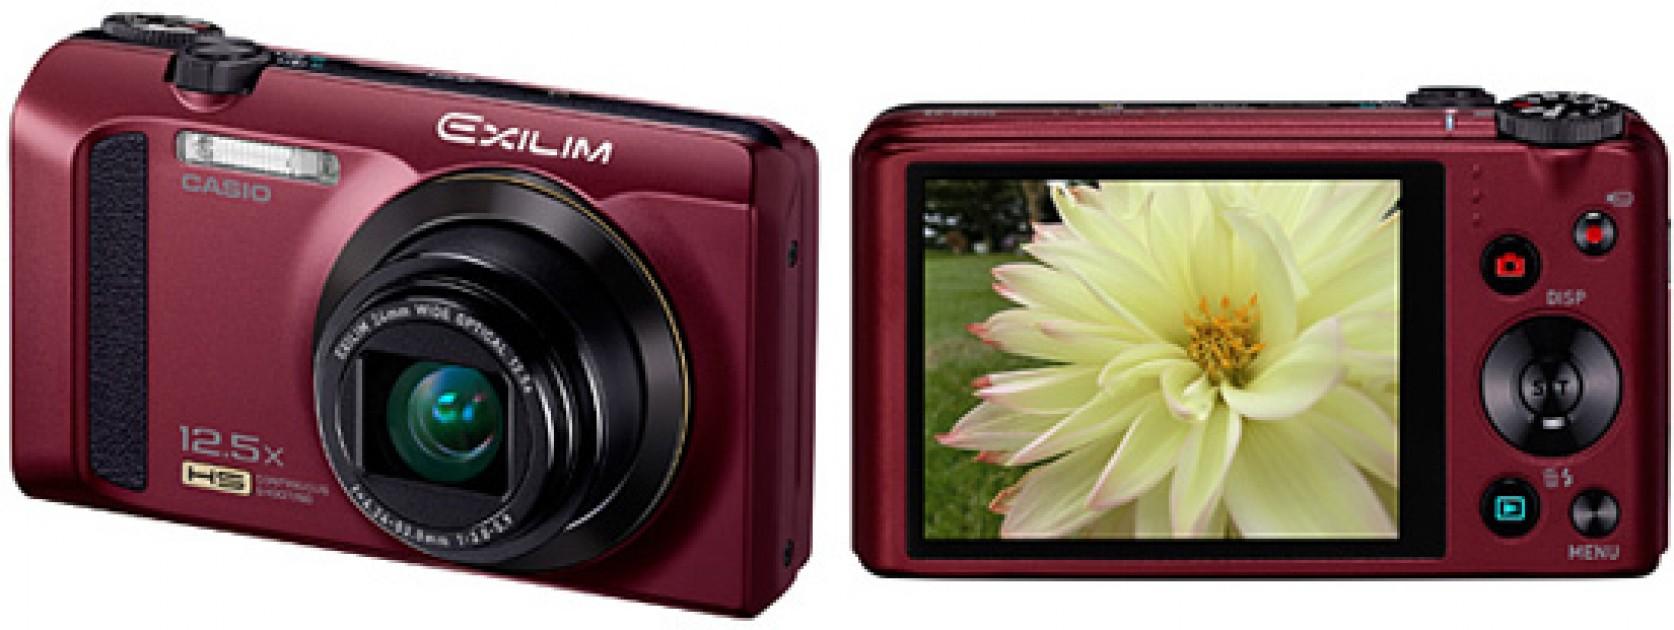 Casio EX-ZR300A Camera Windows Vista 64-BIT